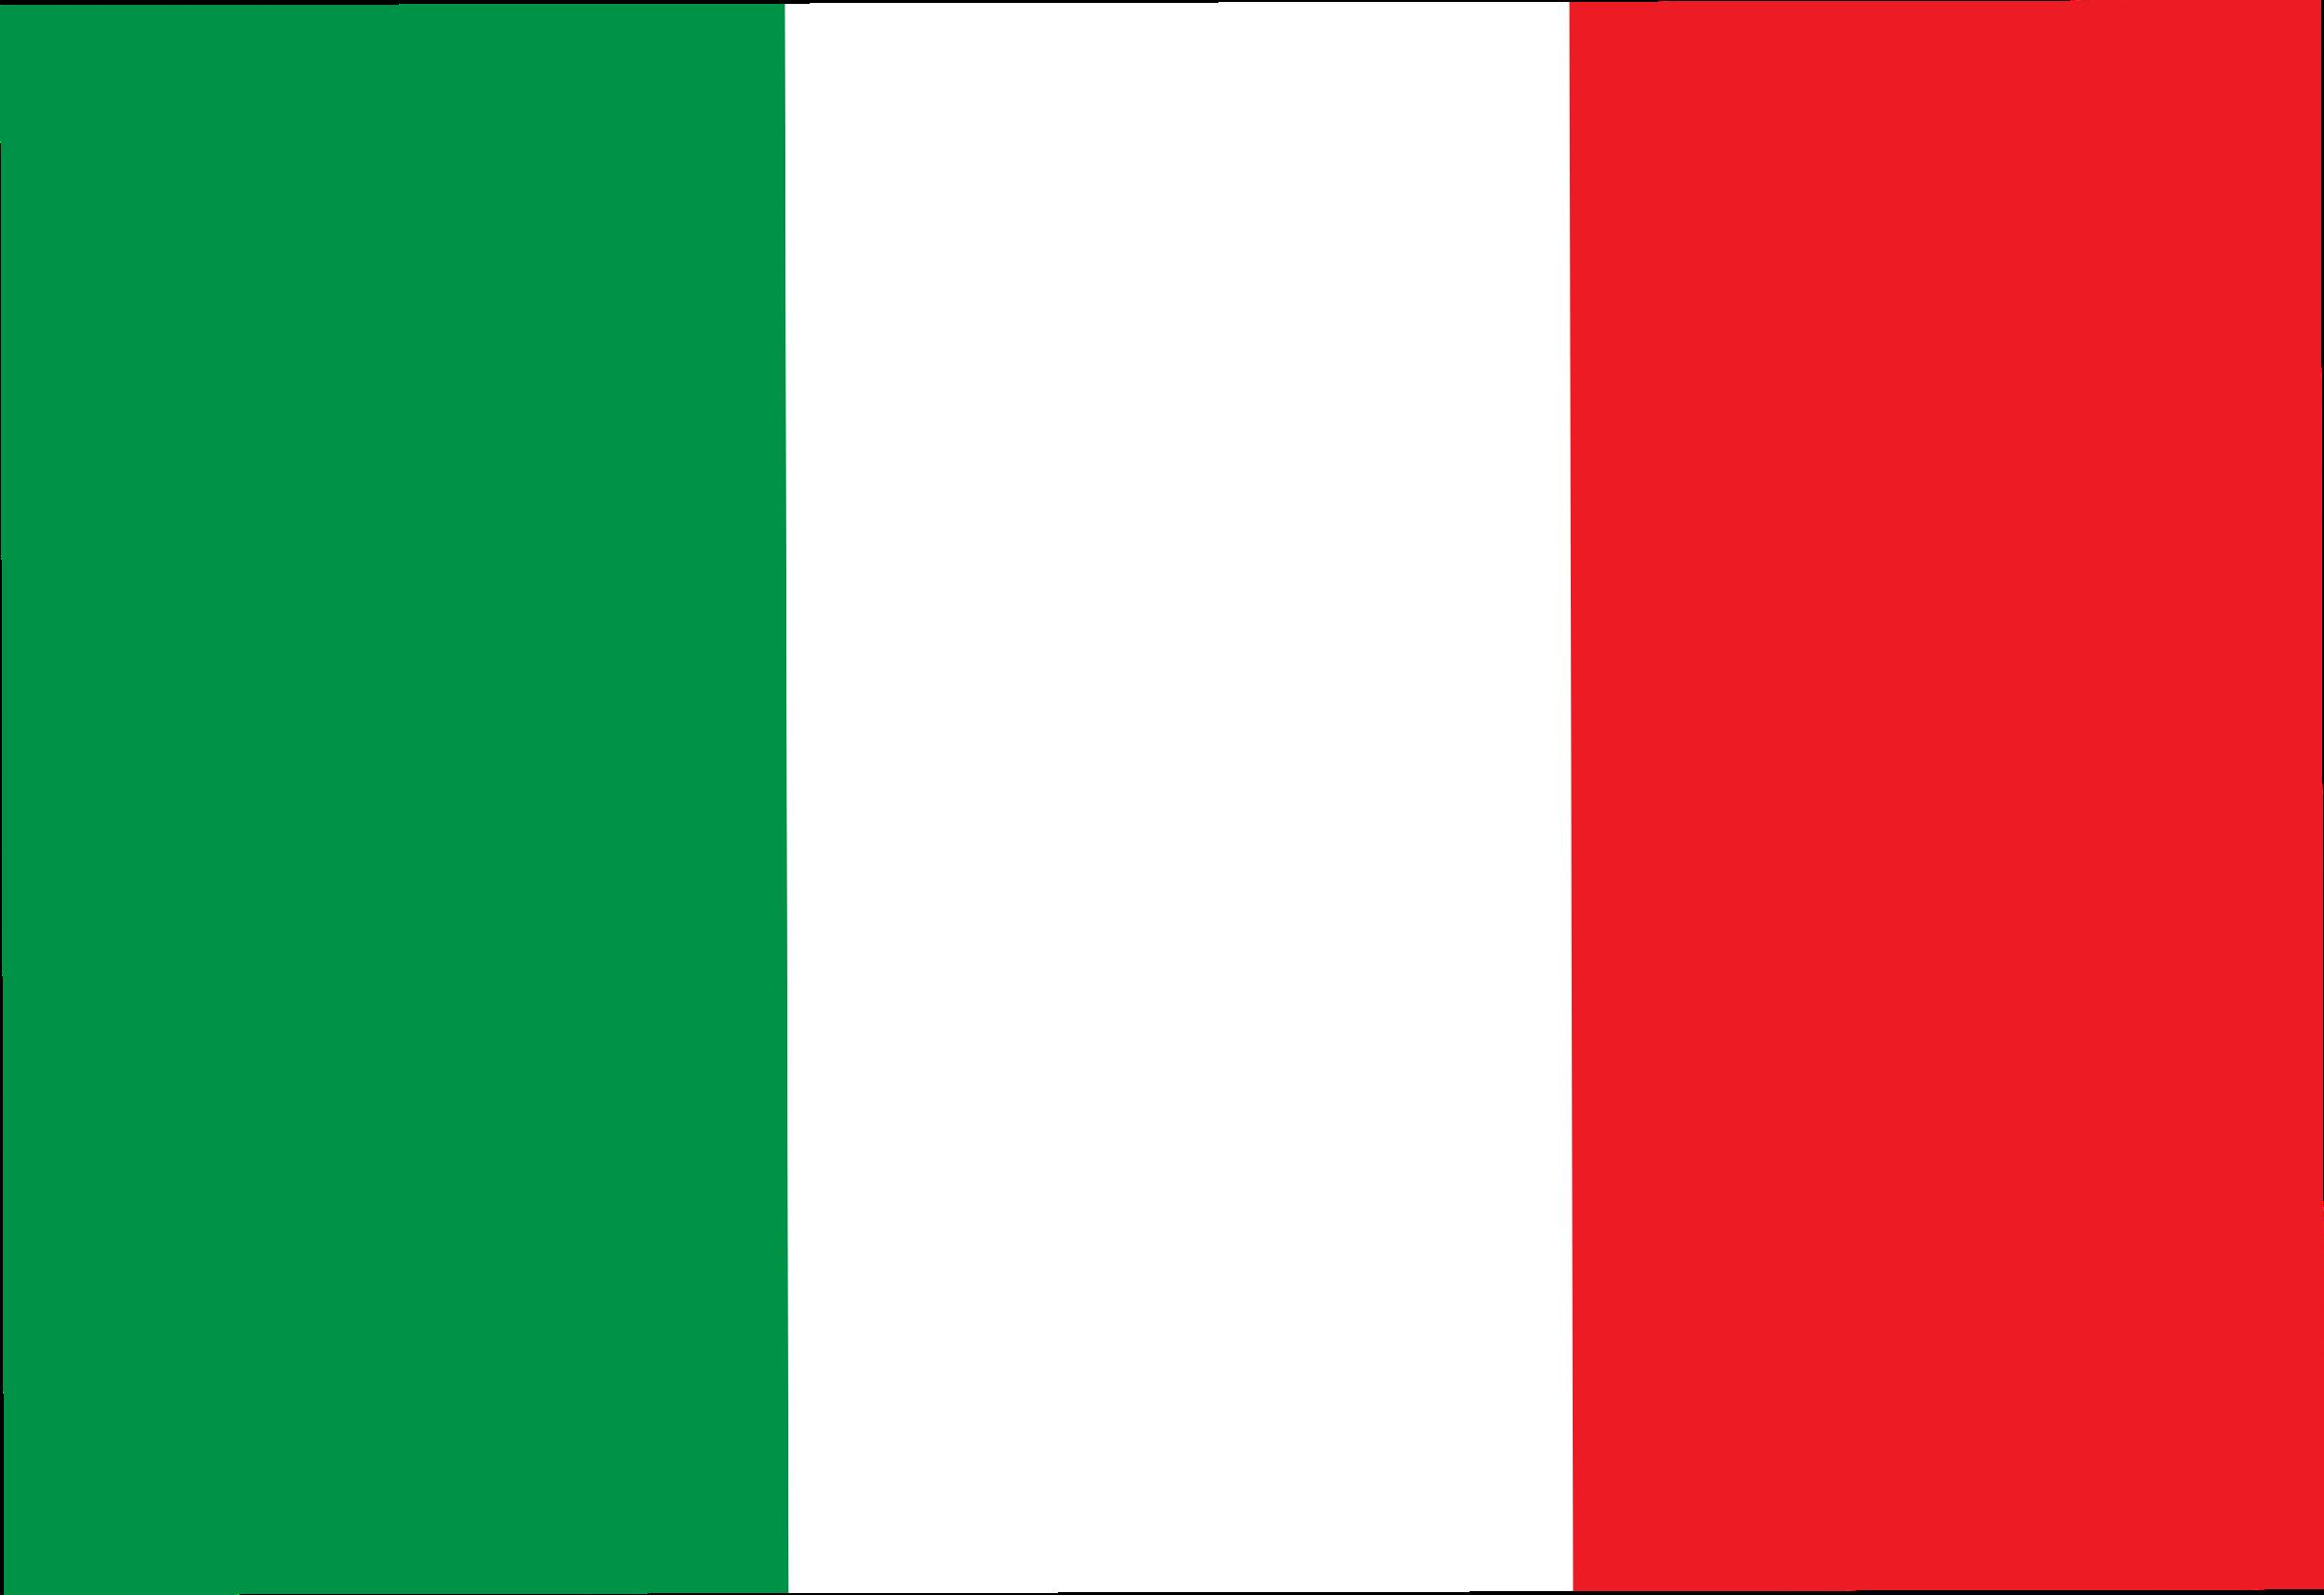 Italian Flag Clipart - Clipart Kid: becuo.com/italian-flag-clipart